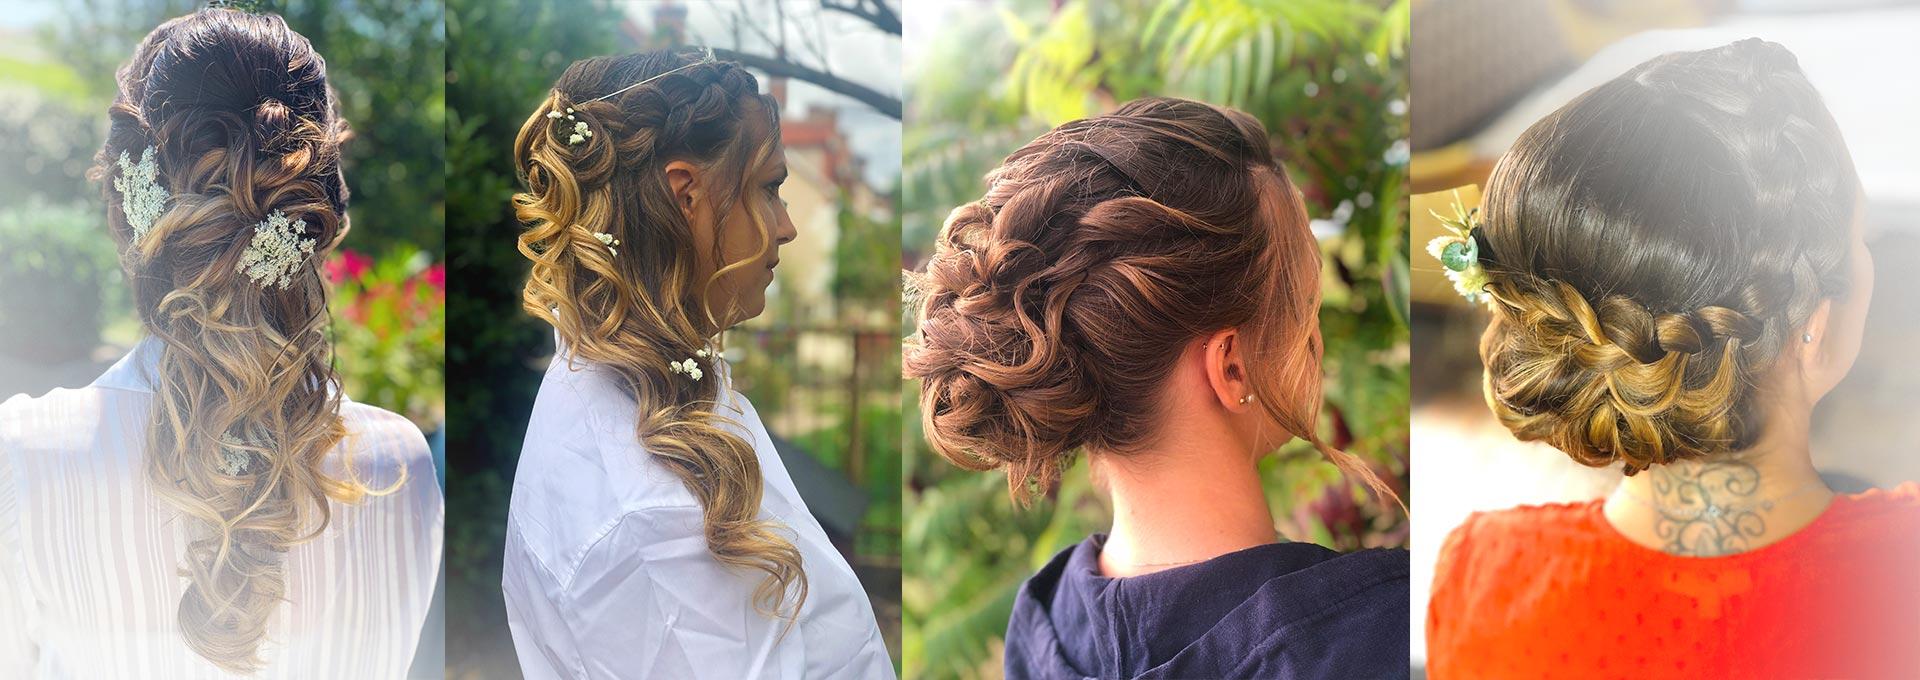 Coiffure - Coupe et couleur de cheveux